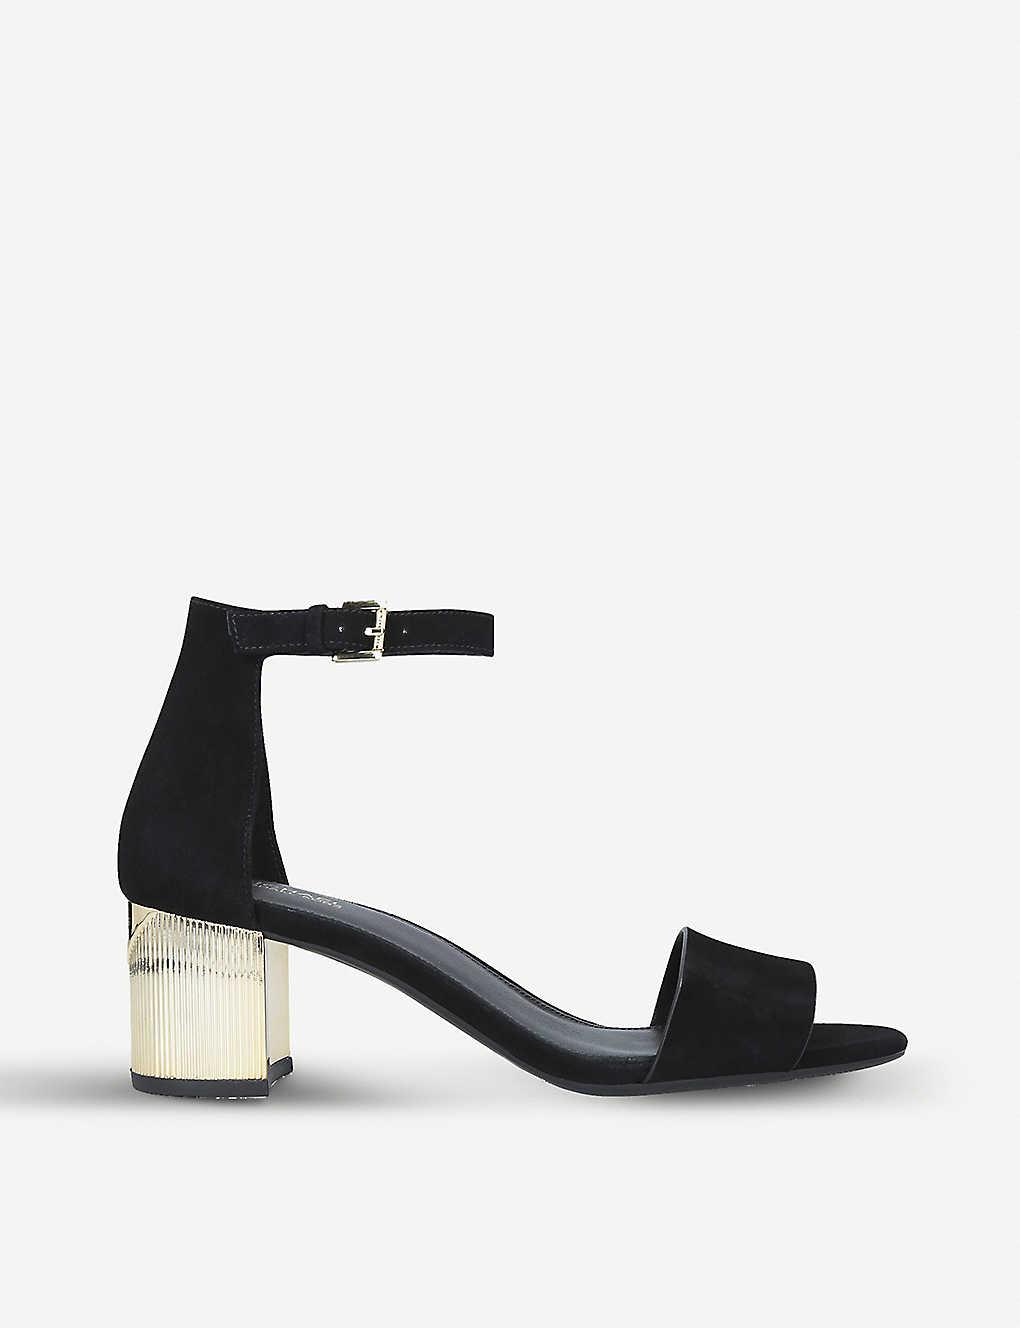 e0c4ce05b2 MICHAEL MICHAEL KORS - Paloma Flex suede sandals | Selfridges.com